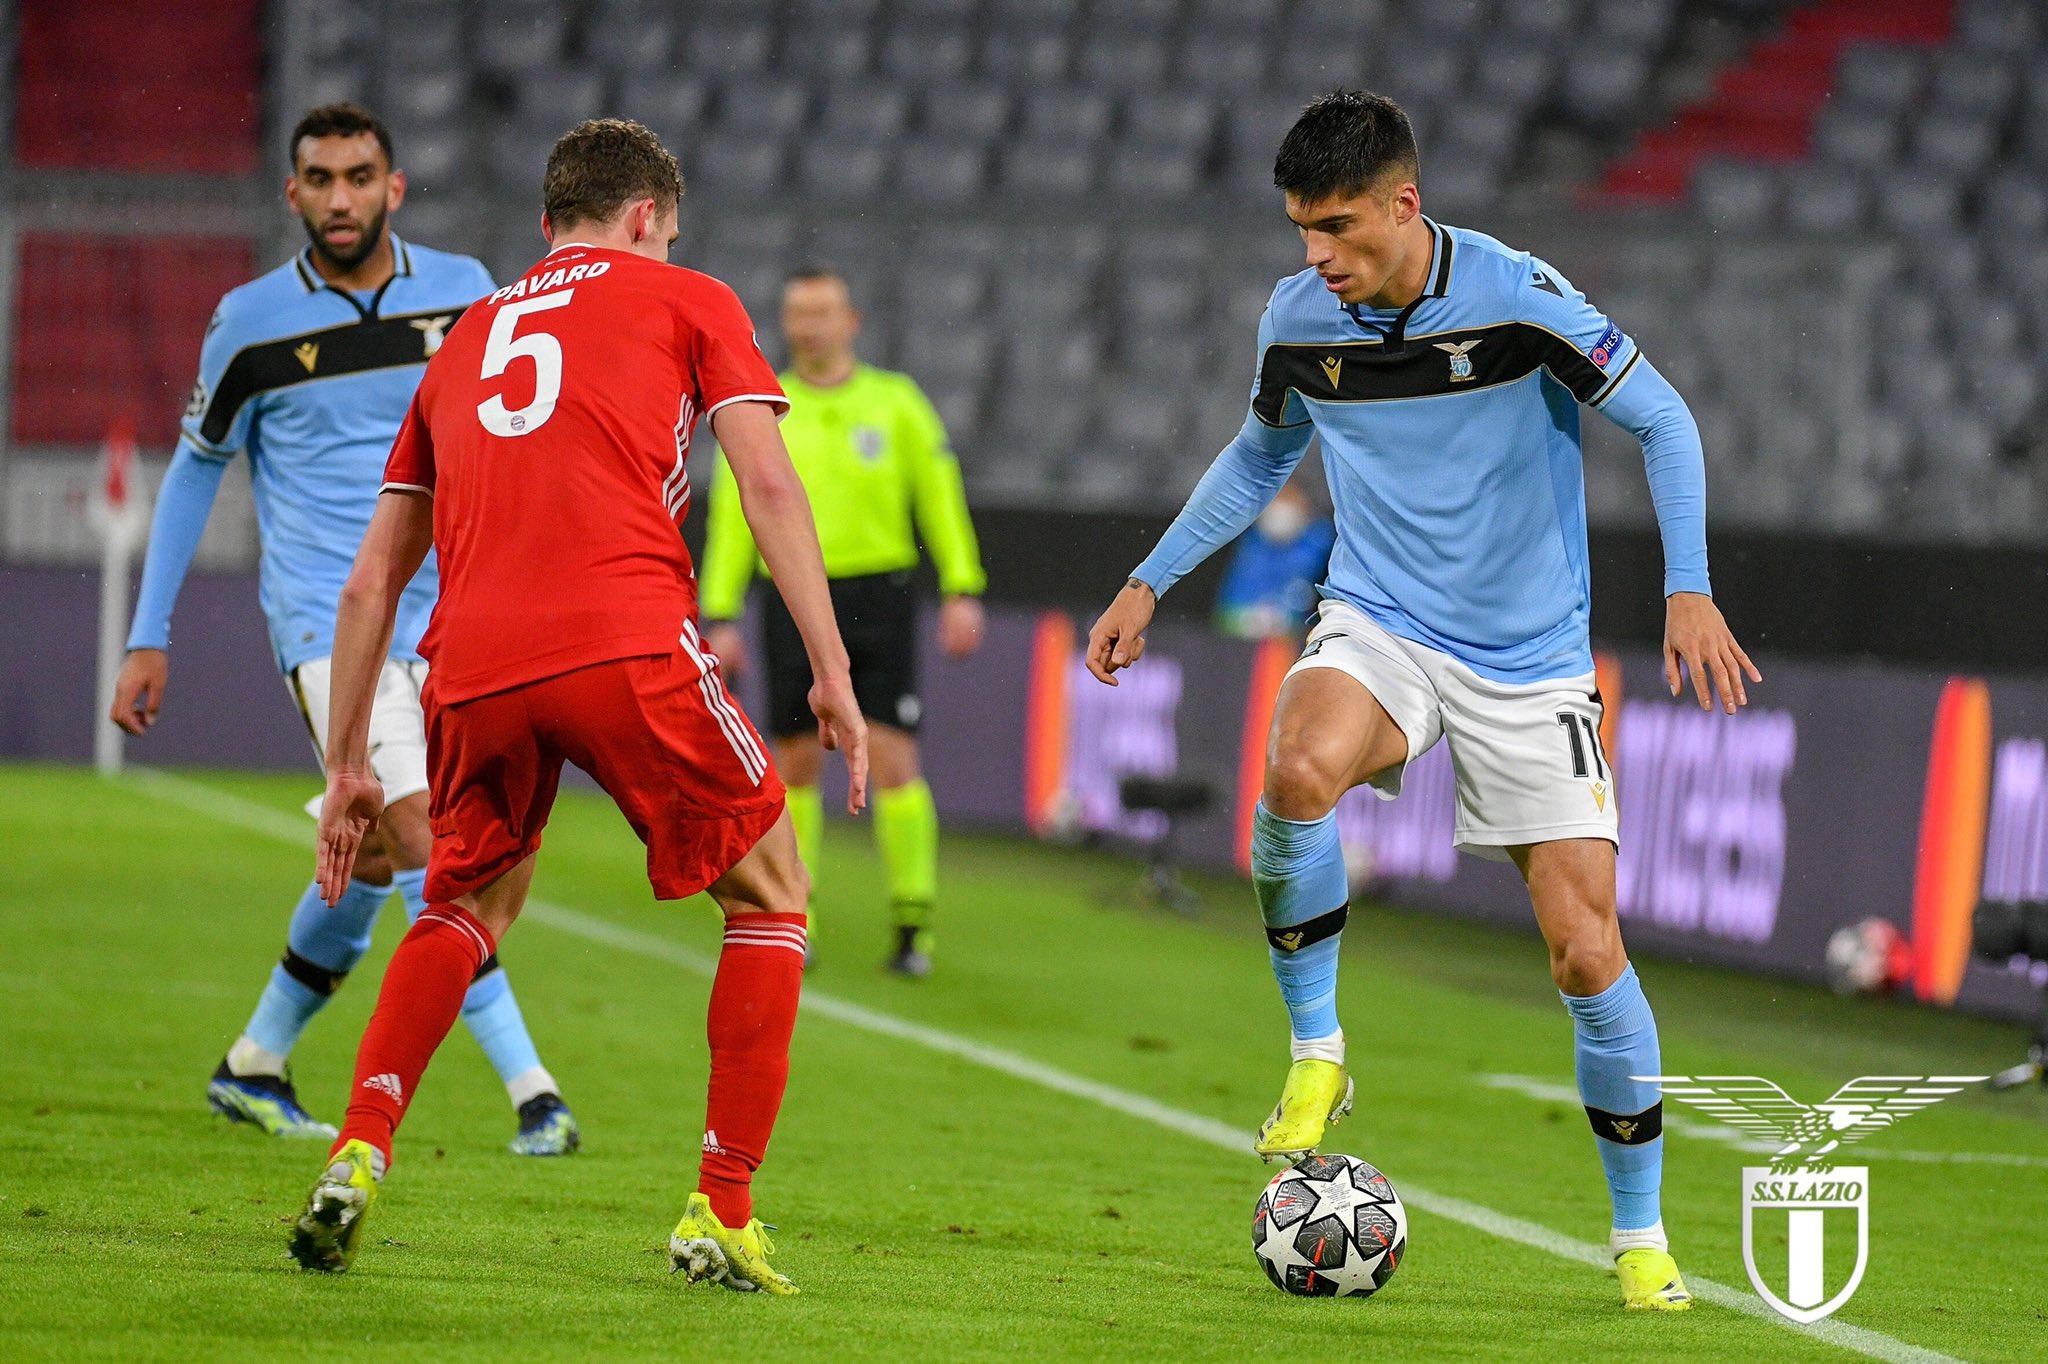 Класс и уверенность. Обзор матча «Бавария» 2:1 «Лацио»